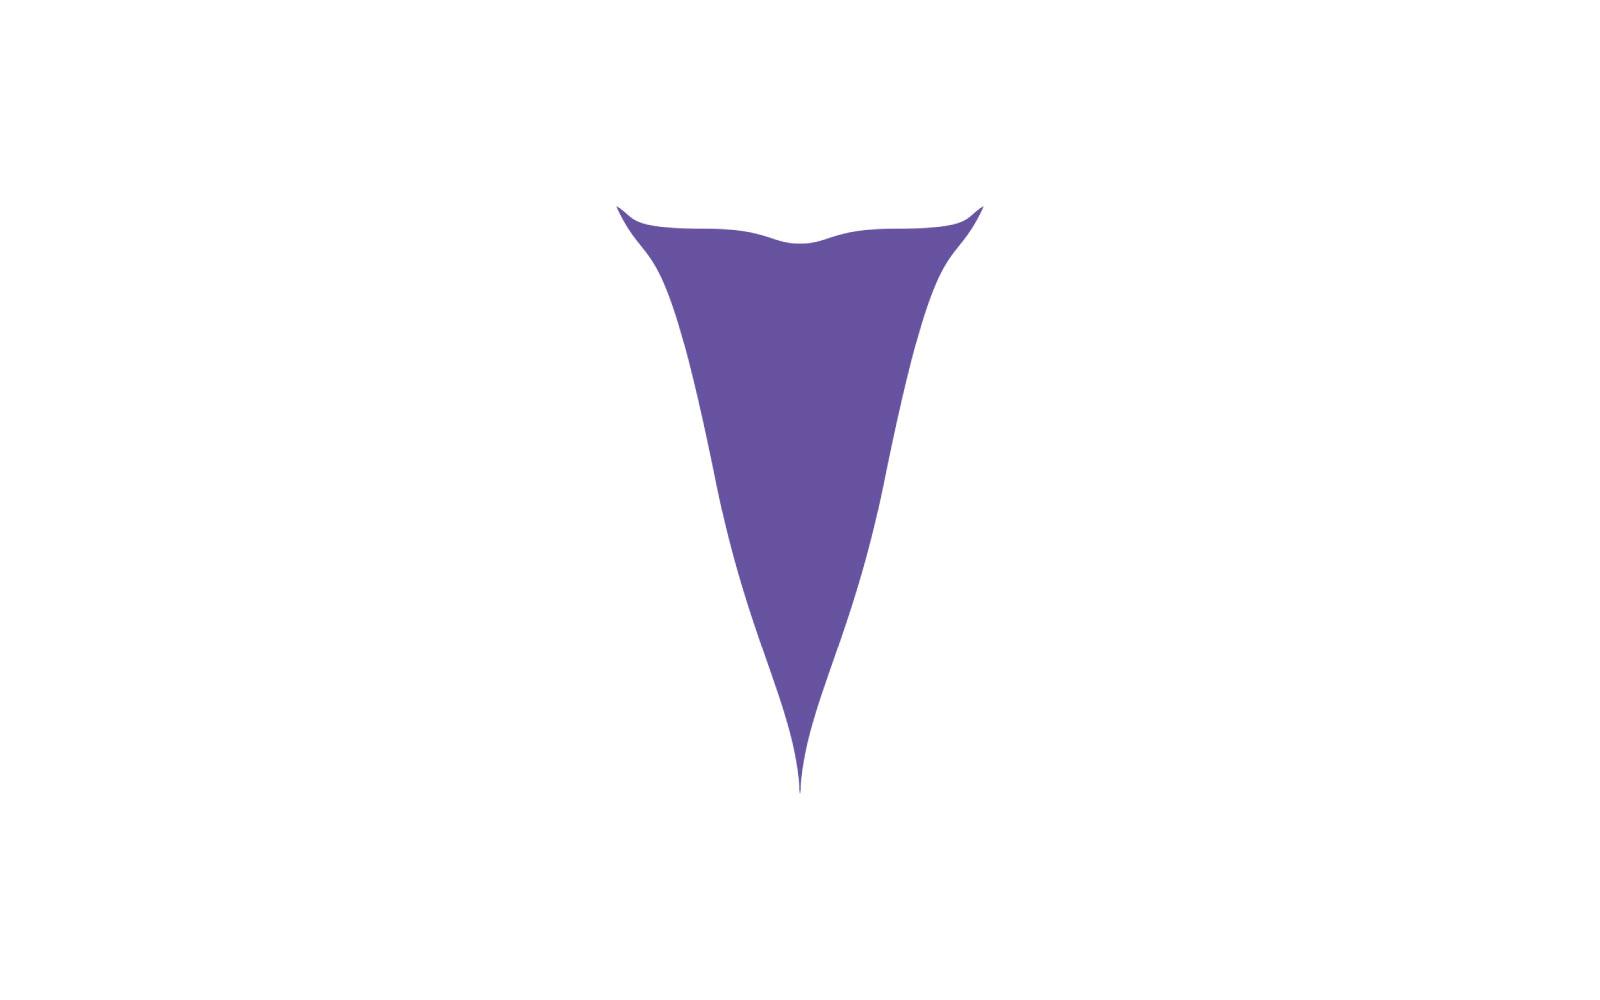 トピーネクスト ロゴ